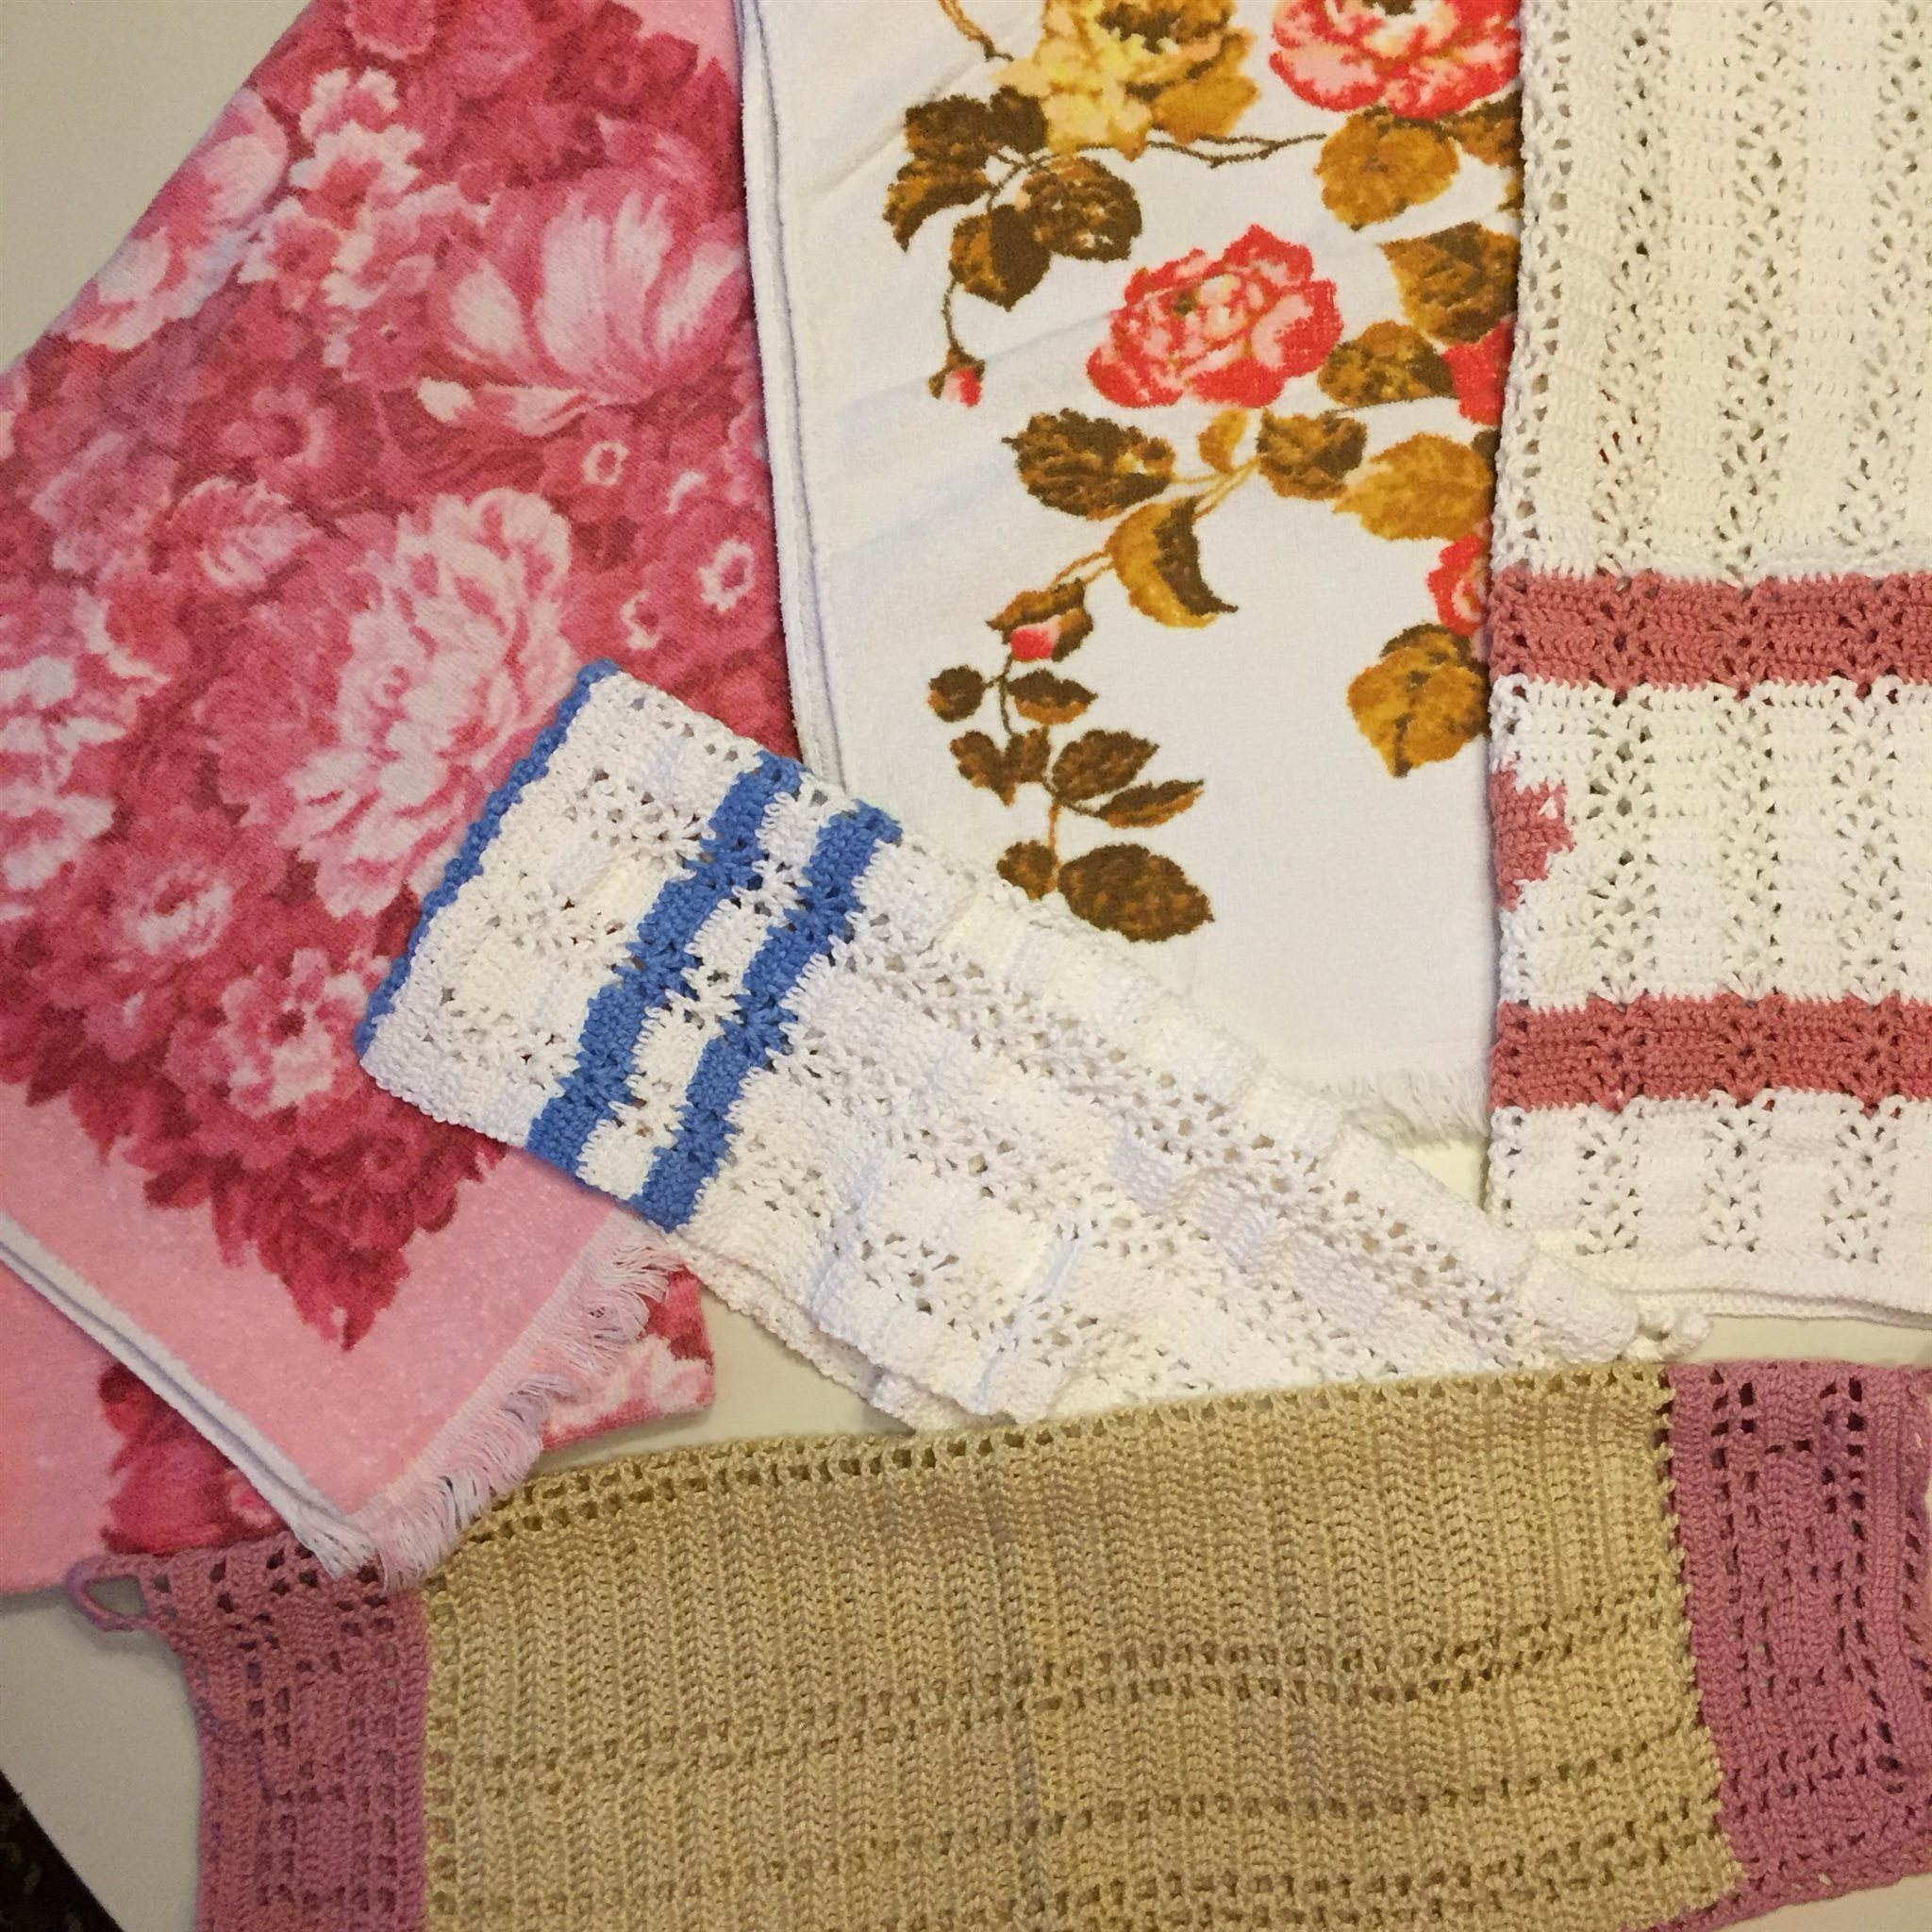 Shabby chic handdukar frotté o handvirkade (327368362) ᐈ Köp på Tradera 6e55baea009bd